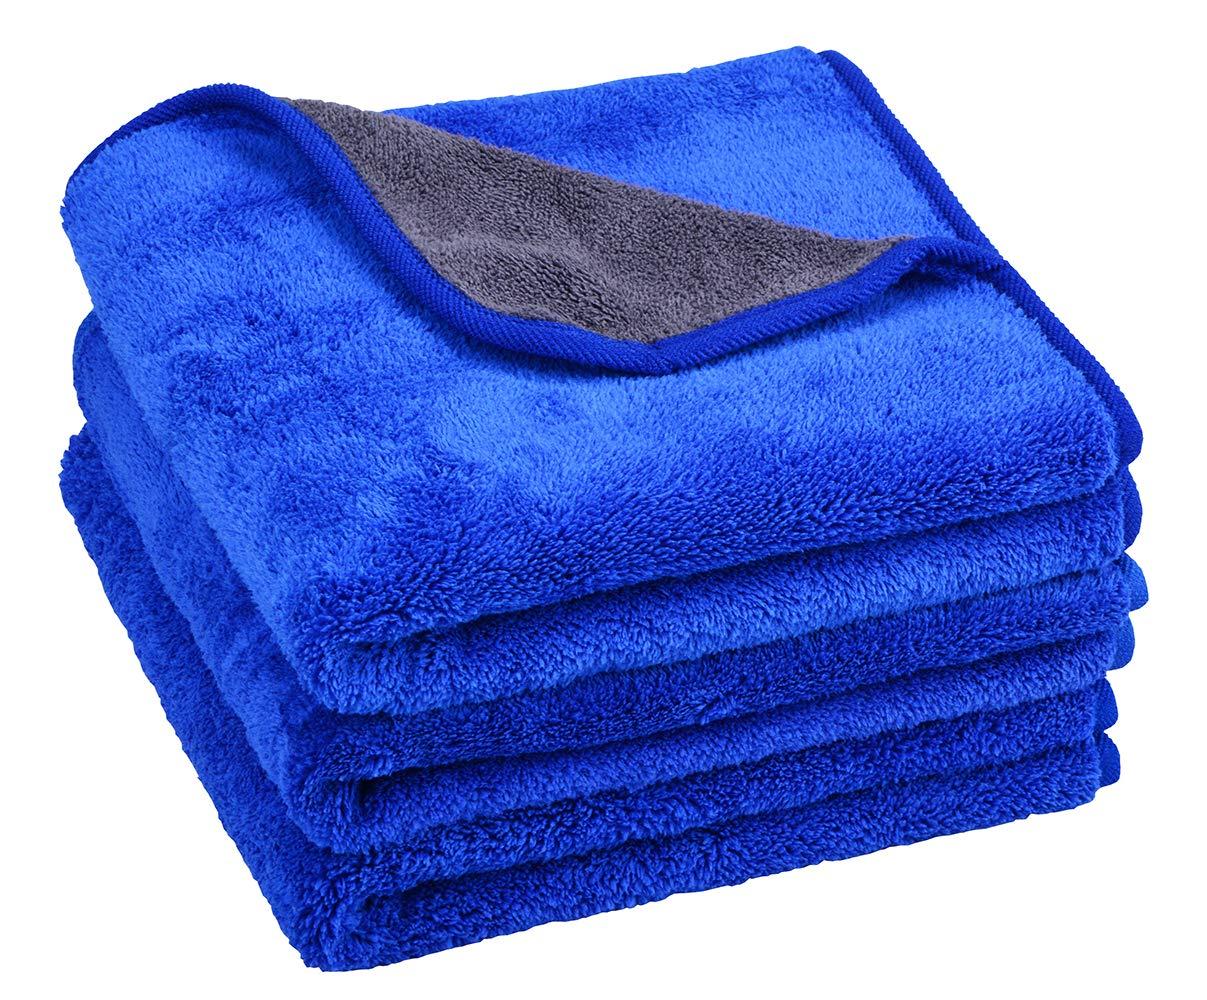 Mayouth in microfibra auto pulizia asciugamani super assorbente auto essiccazione asciugamani peluche spessore lucidatura ceretta auto lucidatura ultra morbido auto dettagli lavaggio asciugamano 600 gsm